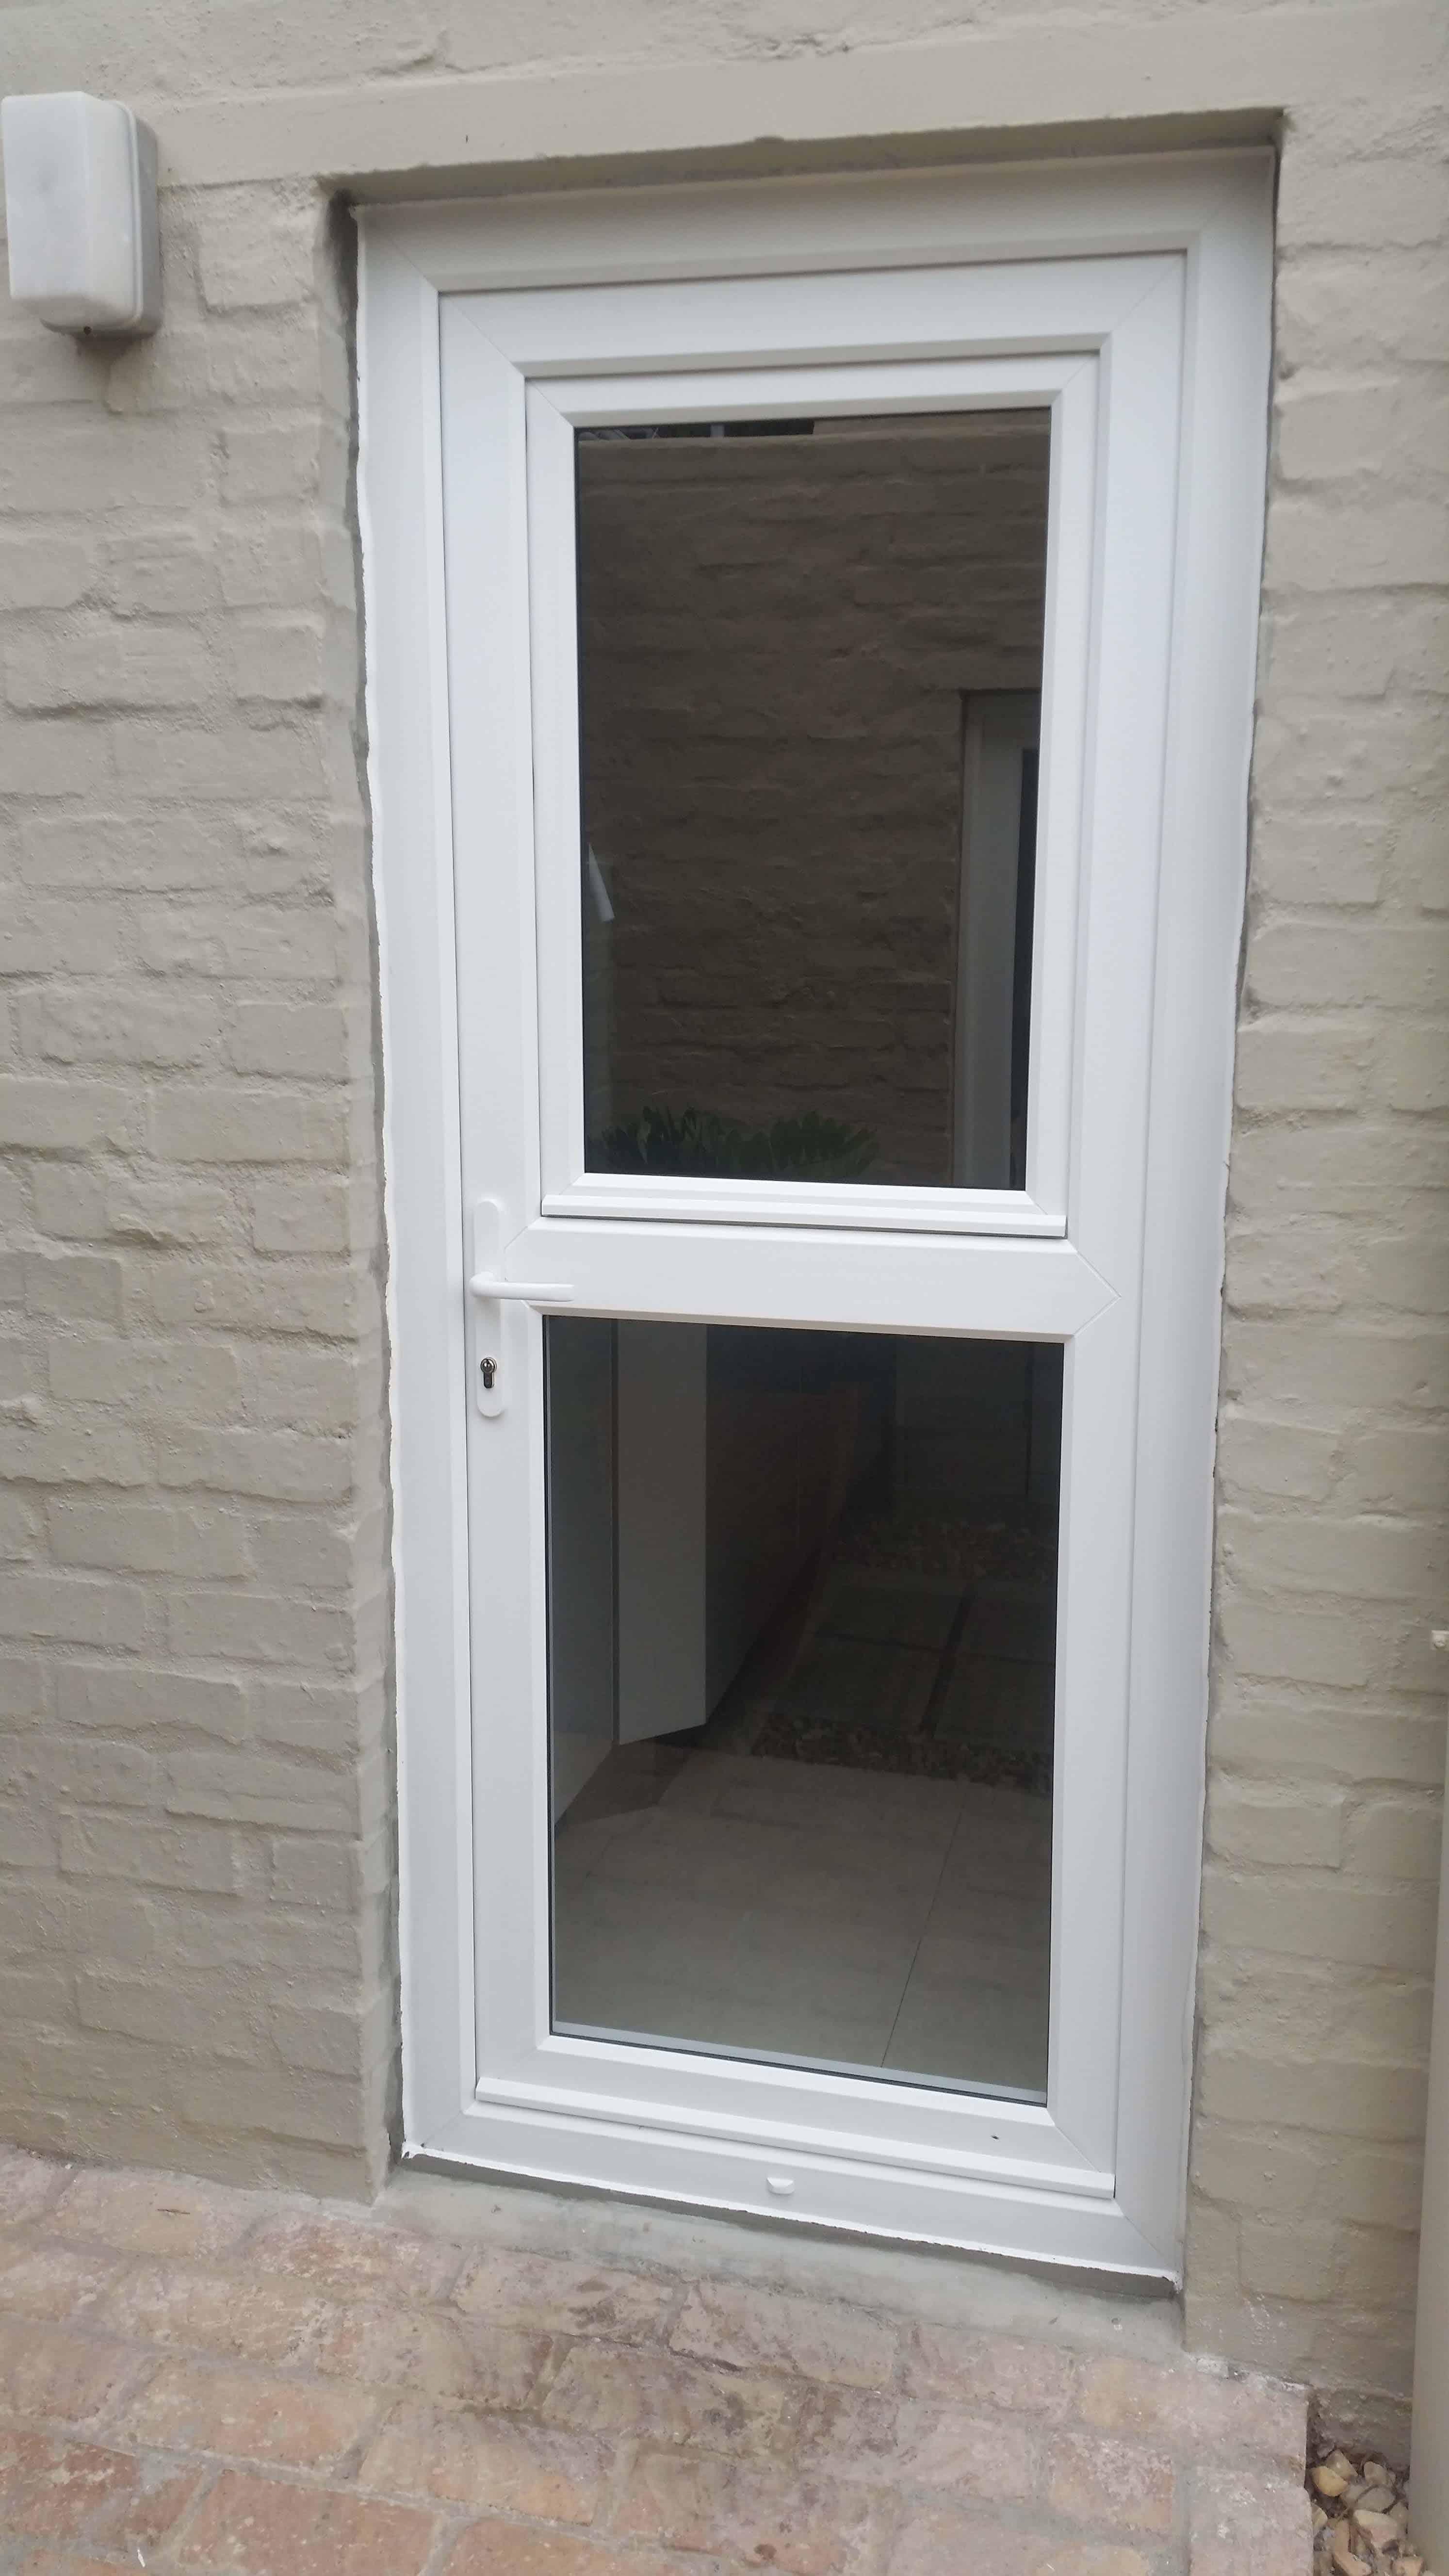 singledoors4